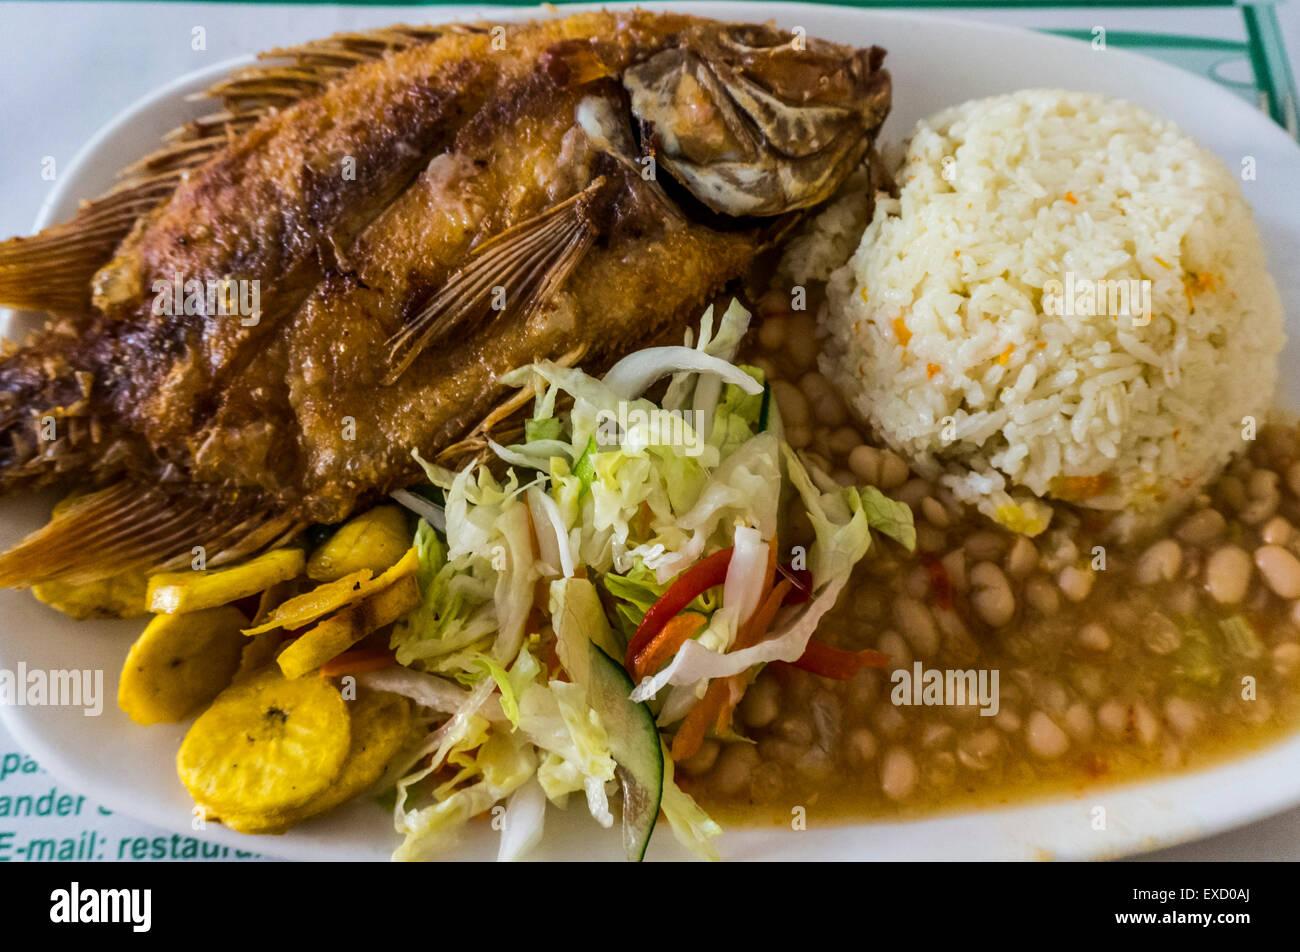 Un repas typique de poisson frit et riz à la noix de coco dans la région côtière des Caraïbes de la Colombie. Banque D'Images